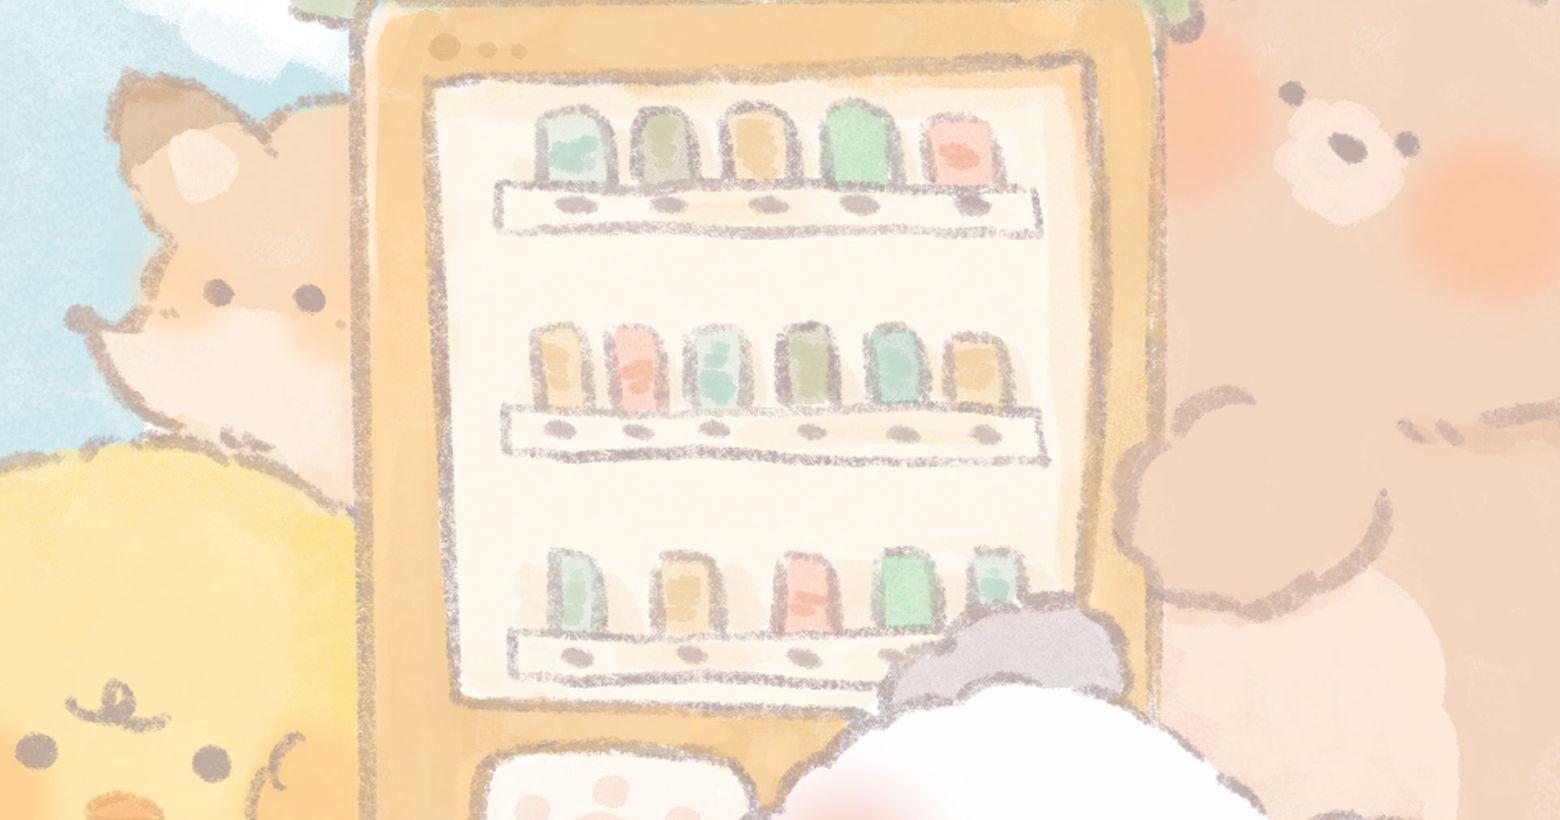 〖ワンワン汪汪〗森林小夥伴飲料喝起來~~~~ฅ՞•ﻌ•՞ฅ汪汪〖ɪɴsᴛᴀɢʀᴀᴍ:@w